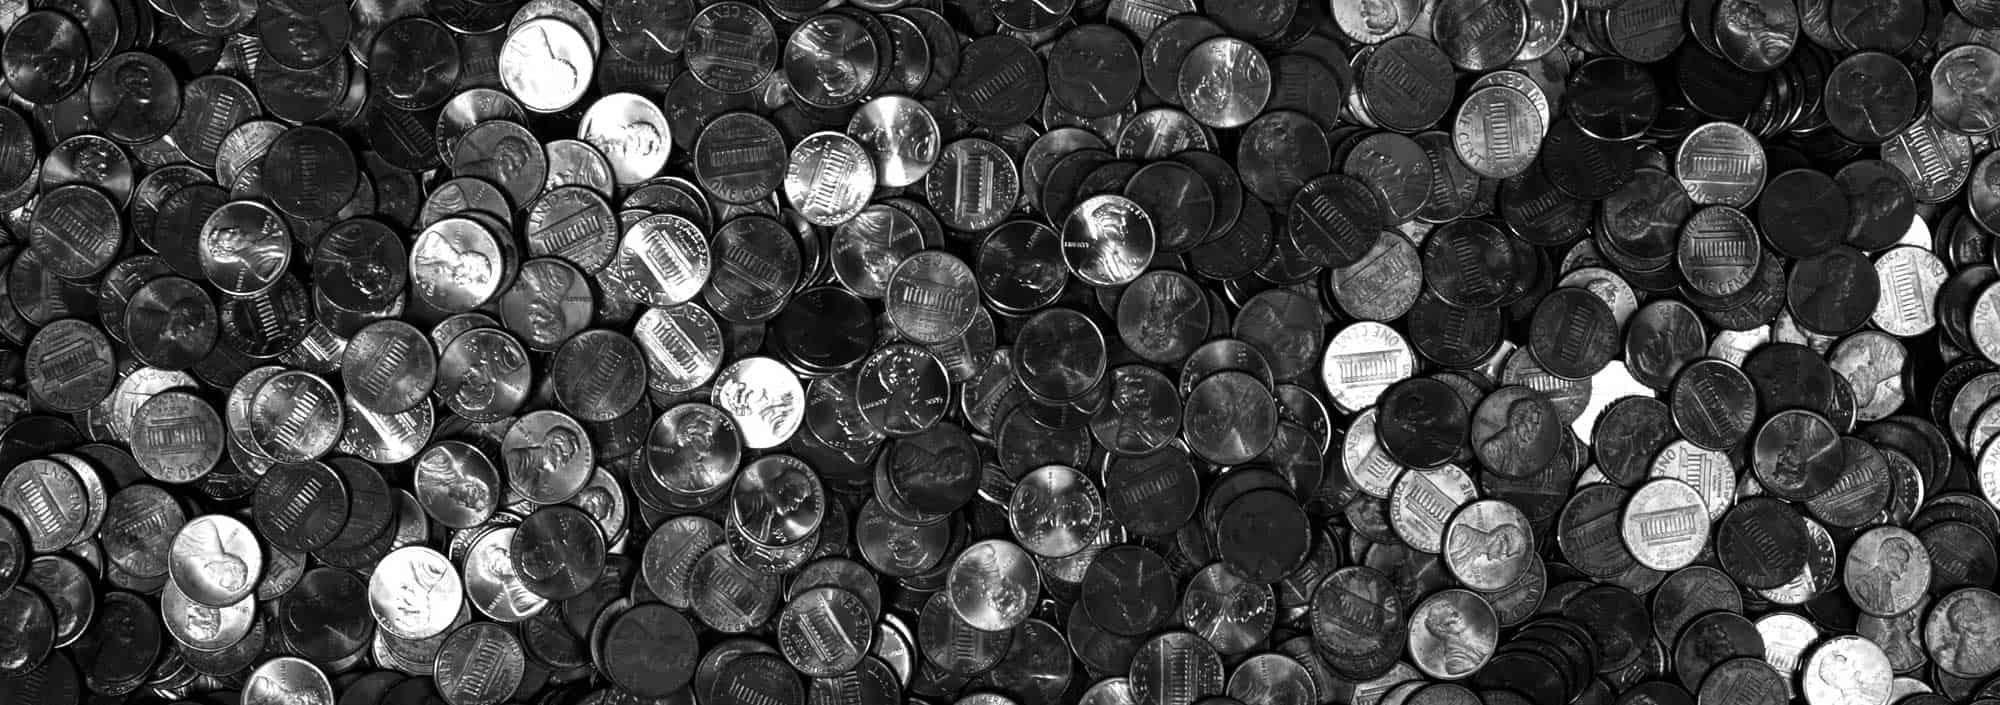 pennies pennies pennies